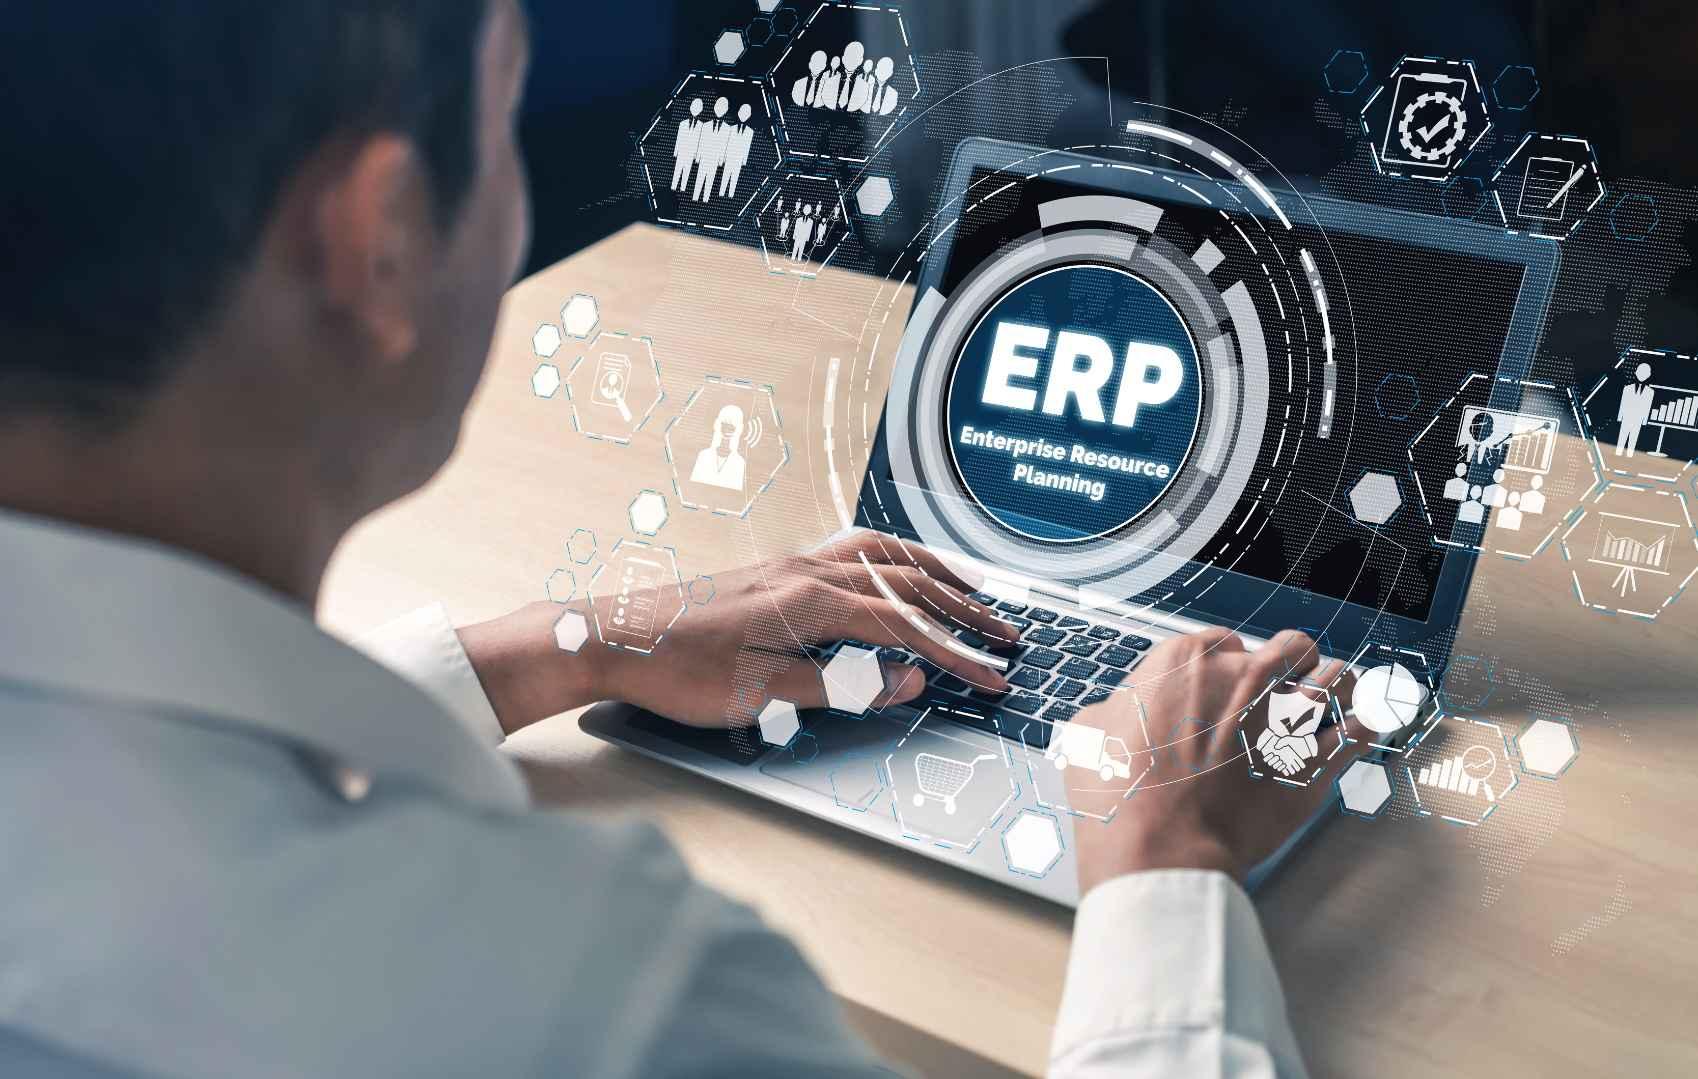 Qué son los ERP, los softwares en constante crecimiento para los negocios